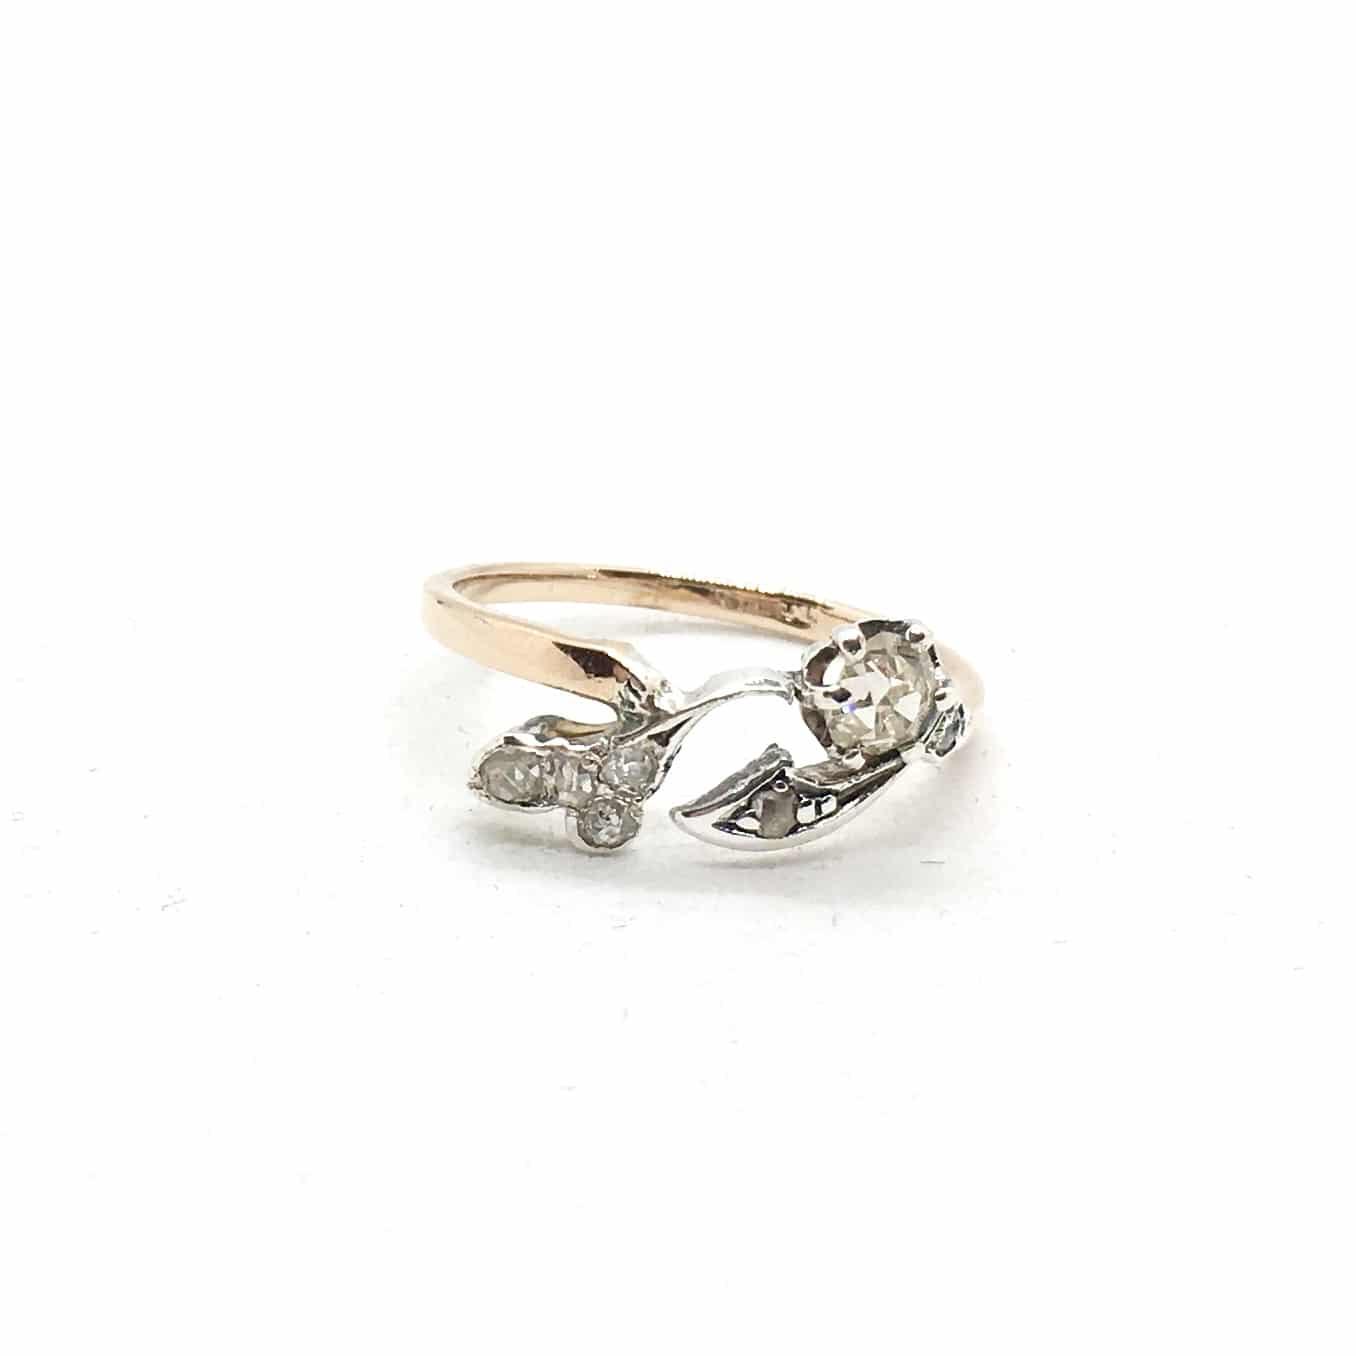 SF67. Szecessziós arany gyűrű gyémántokkal